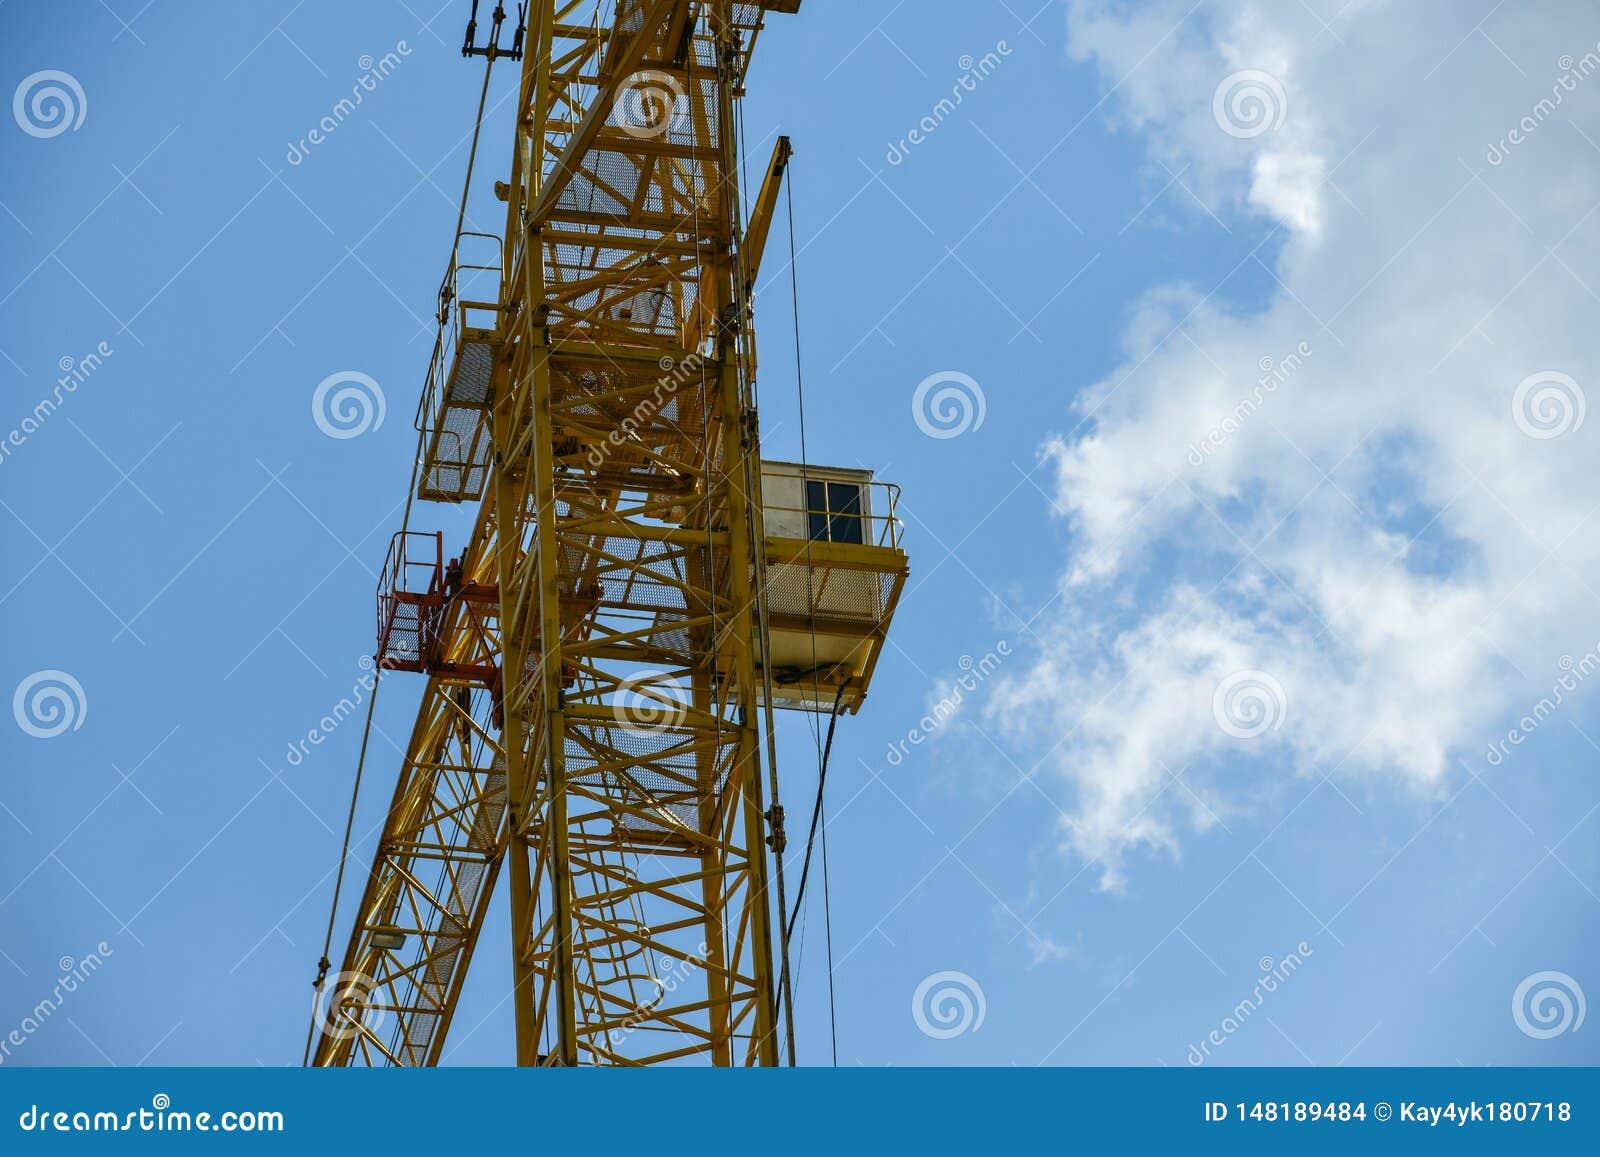 Grue de construction ayant beaucoup d étages avec une longue flèche de couleur jaune contre le ciel bleu au-dessus d un nouveau b